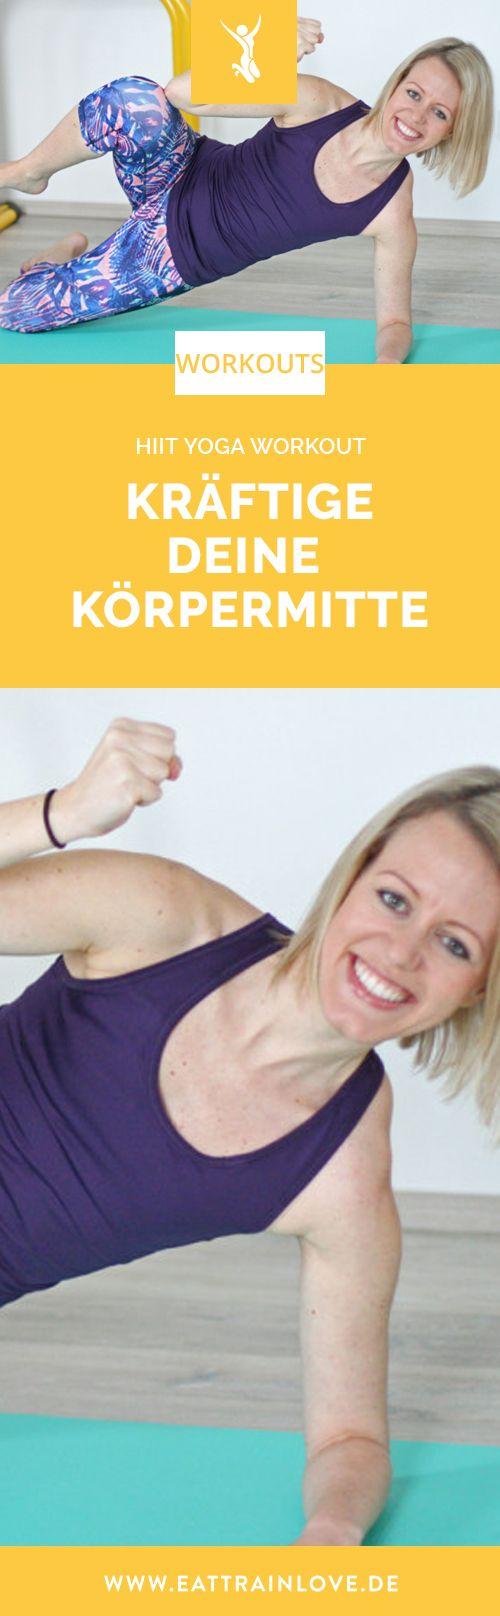 HIIT YOGA Workout 14 – Kräftigung für die Core-Muskulatur